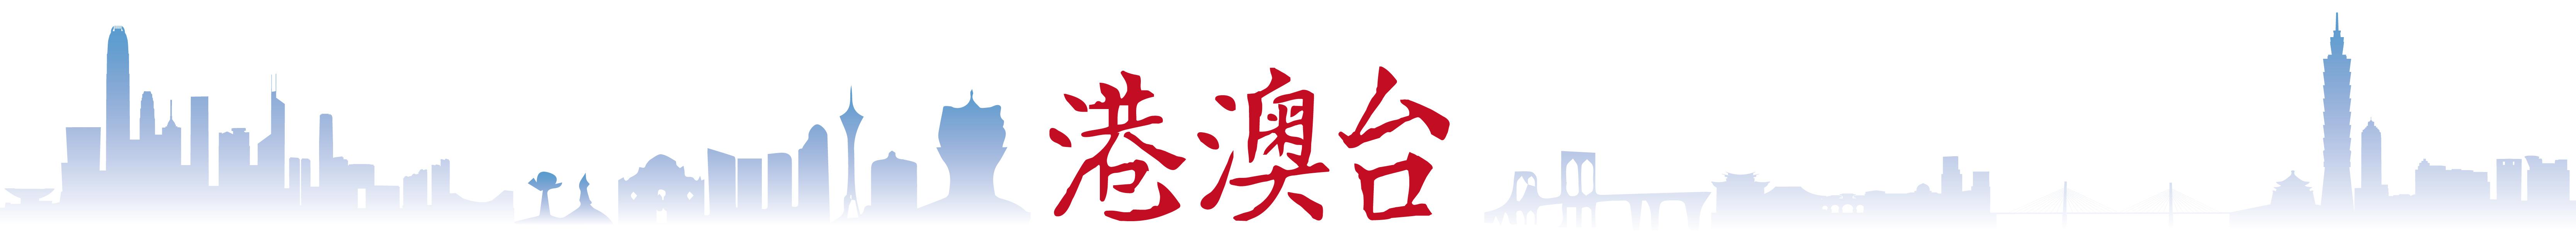 连自己老师都要陷害的陈菊,能保护好台湾的人权吗?